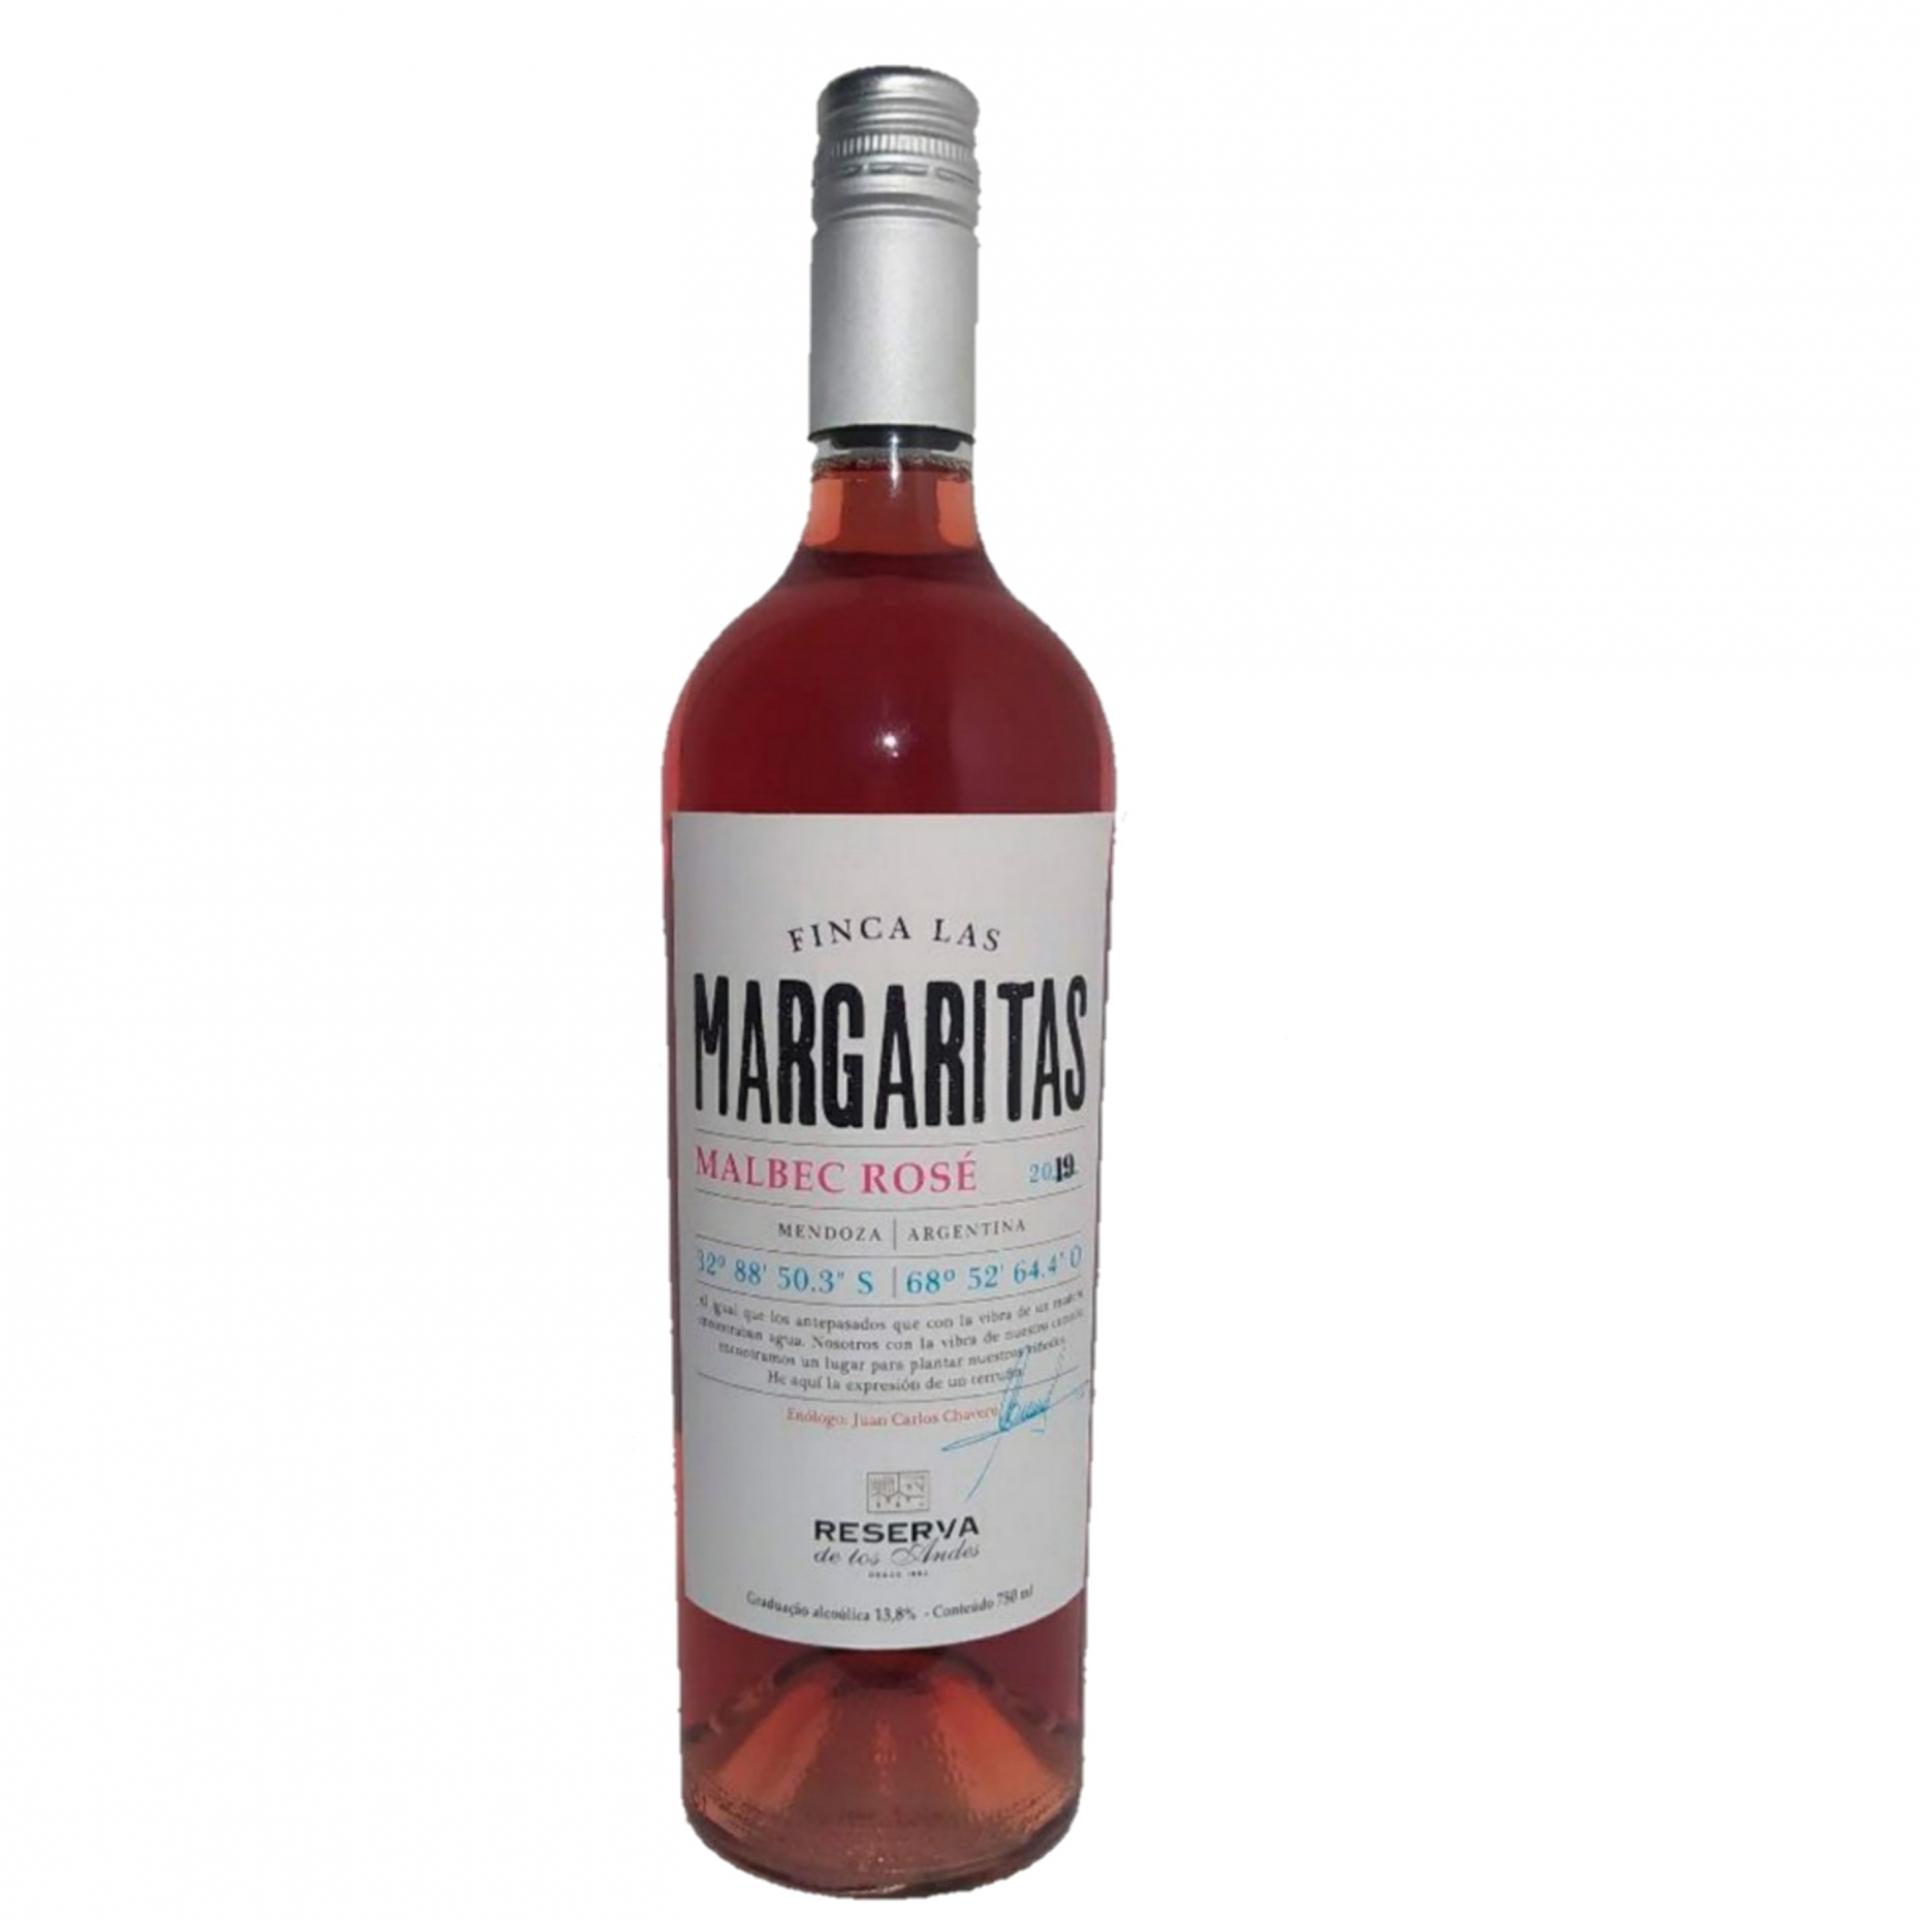 Finca Las Margaritas Malbec Rosé (750ml)